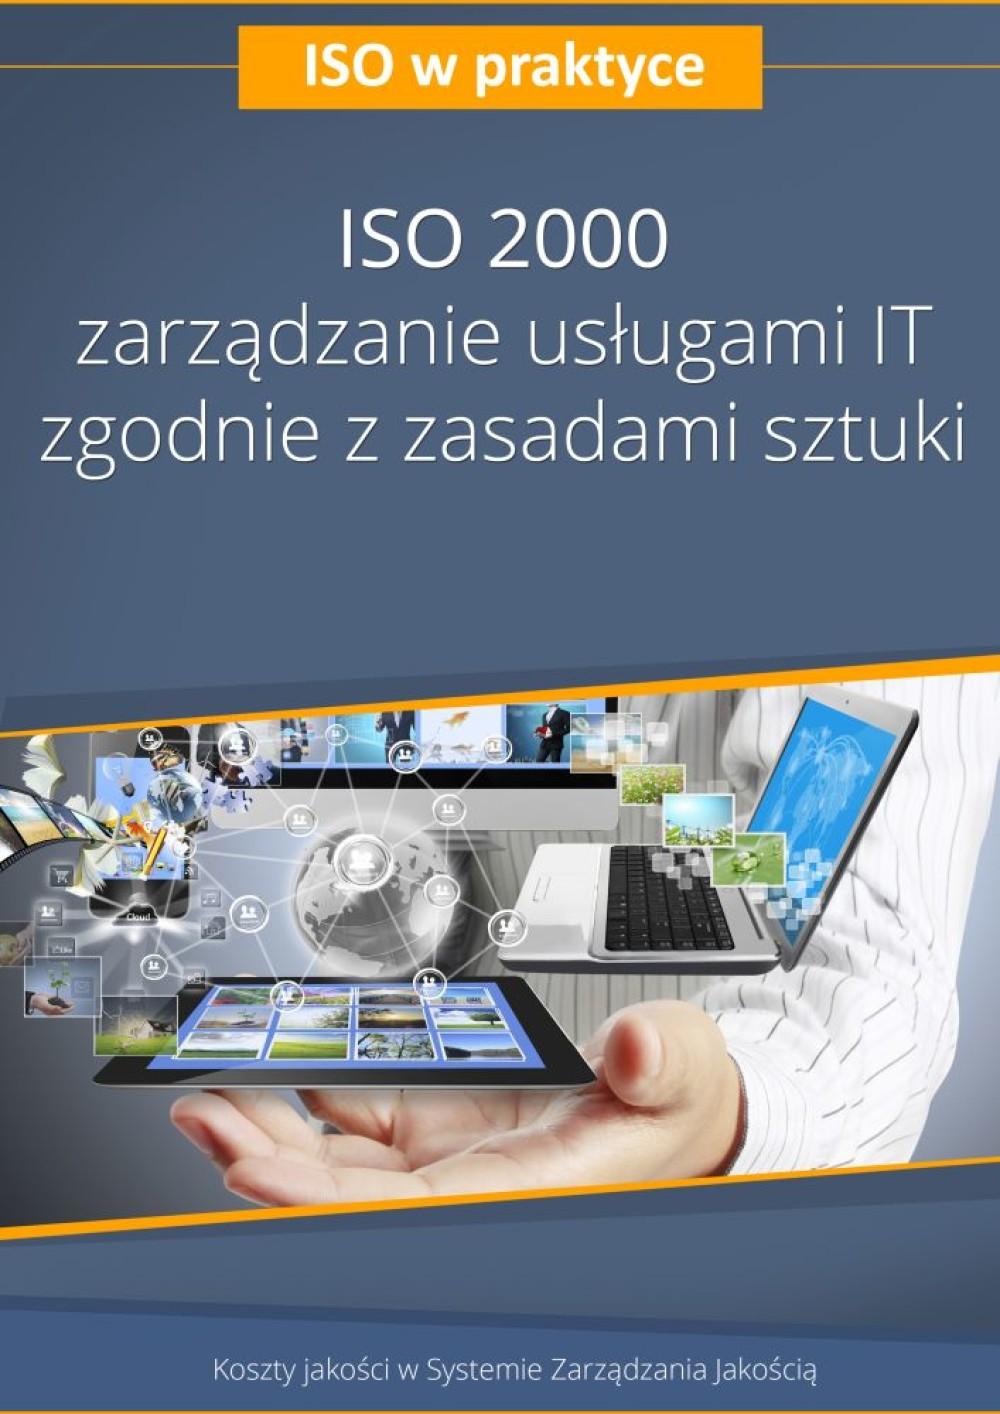 ISO 20000 - zarządzanie usługami IT zgodnie z zasadami sztuki - wydanie II ebook